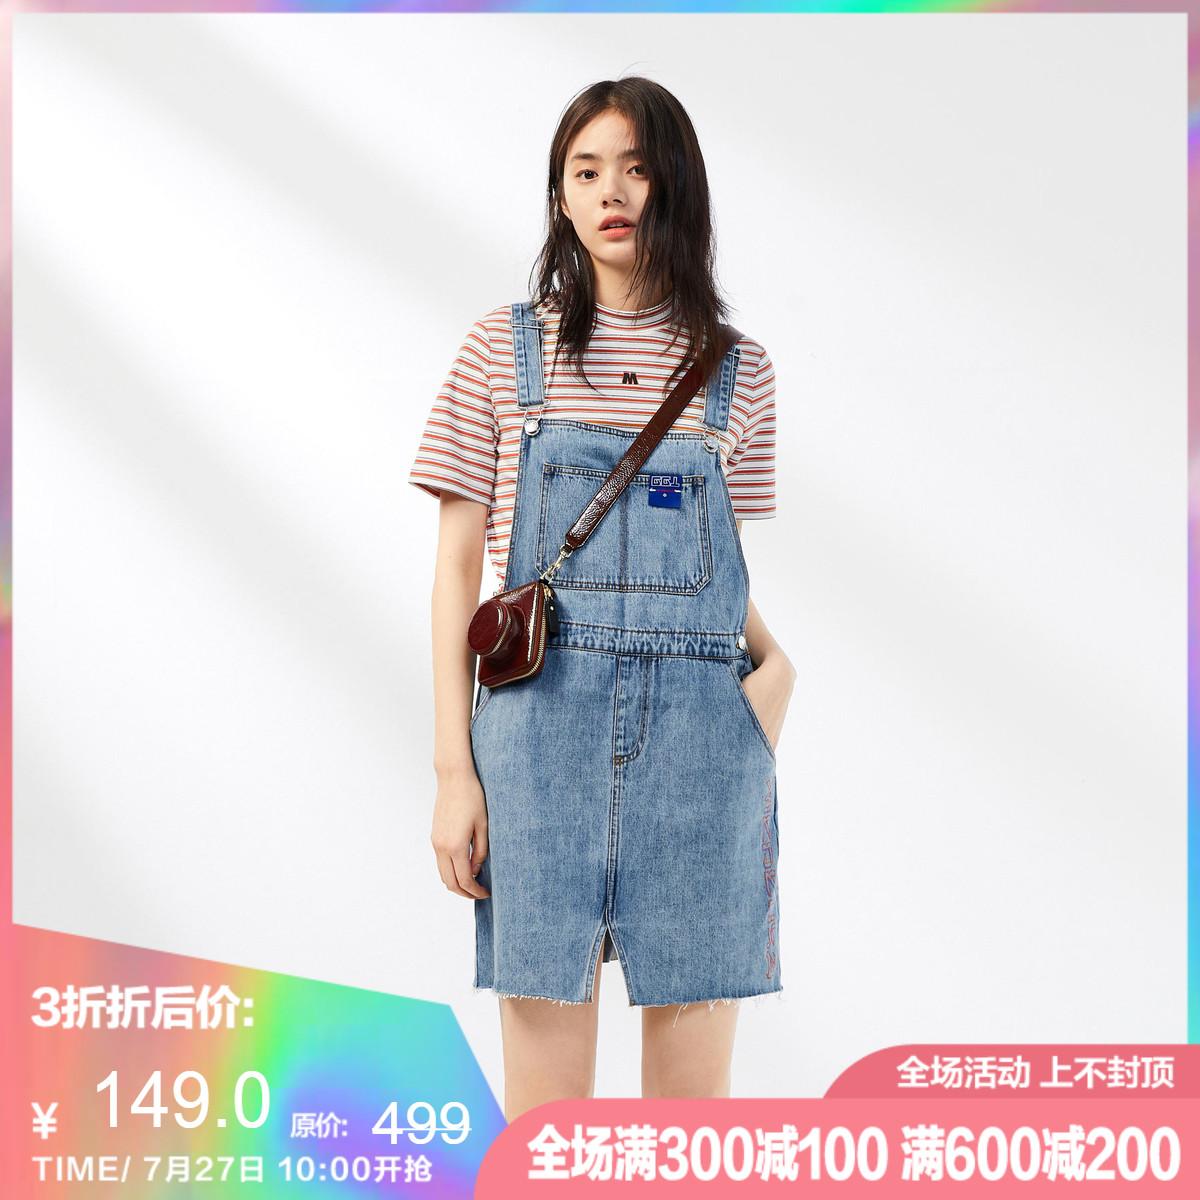 【商场同款】牛仔裙连衣裙小a商场夏季2019新款背带裙法式复古裙